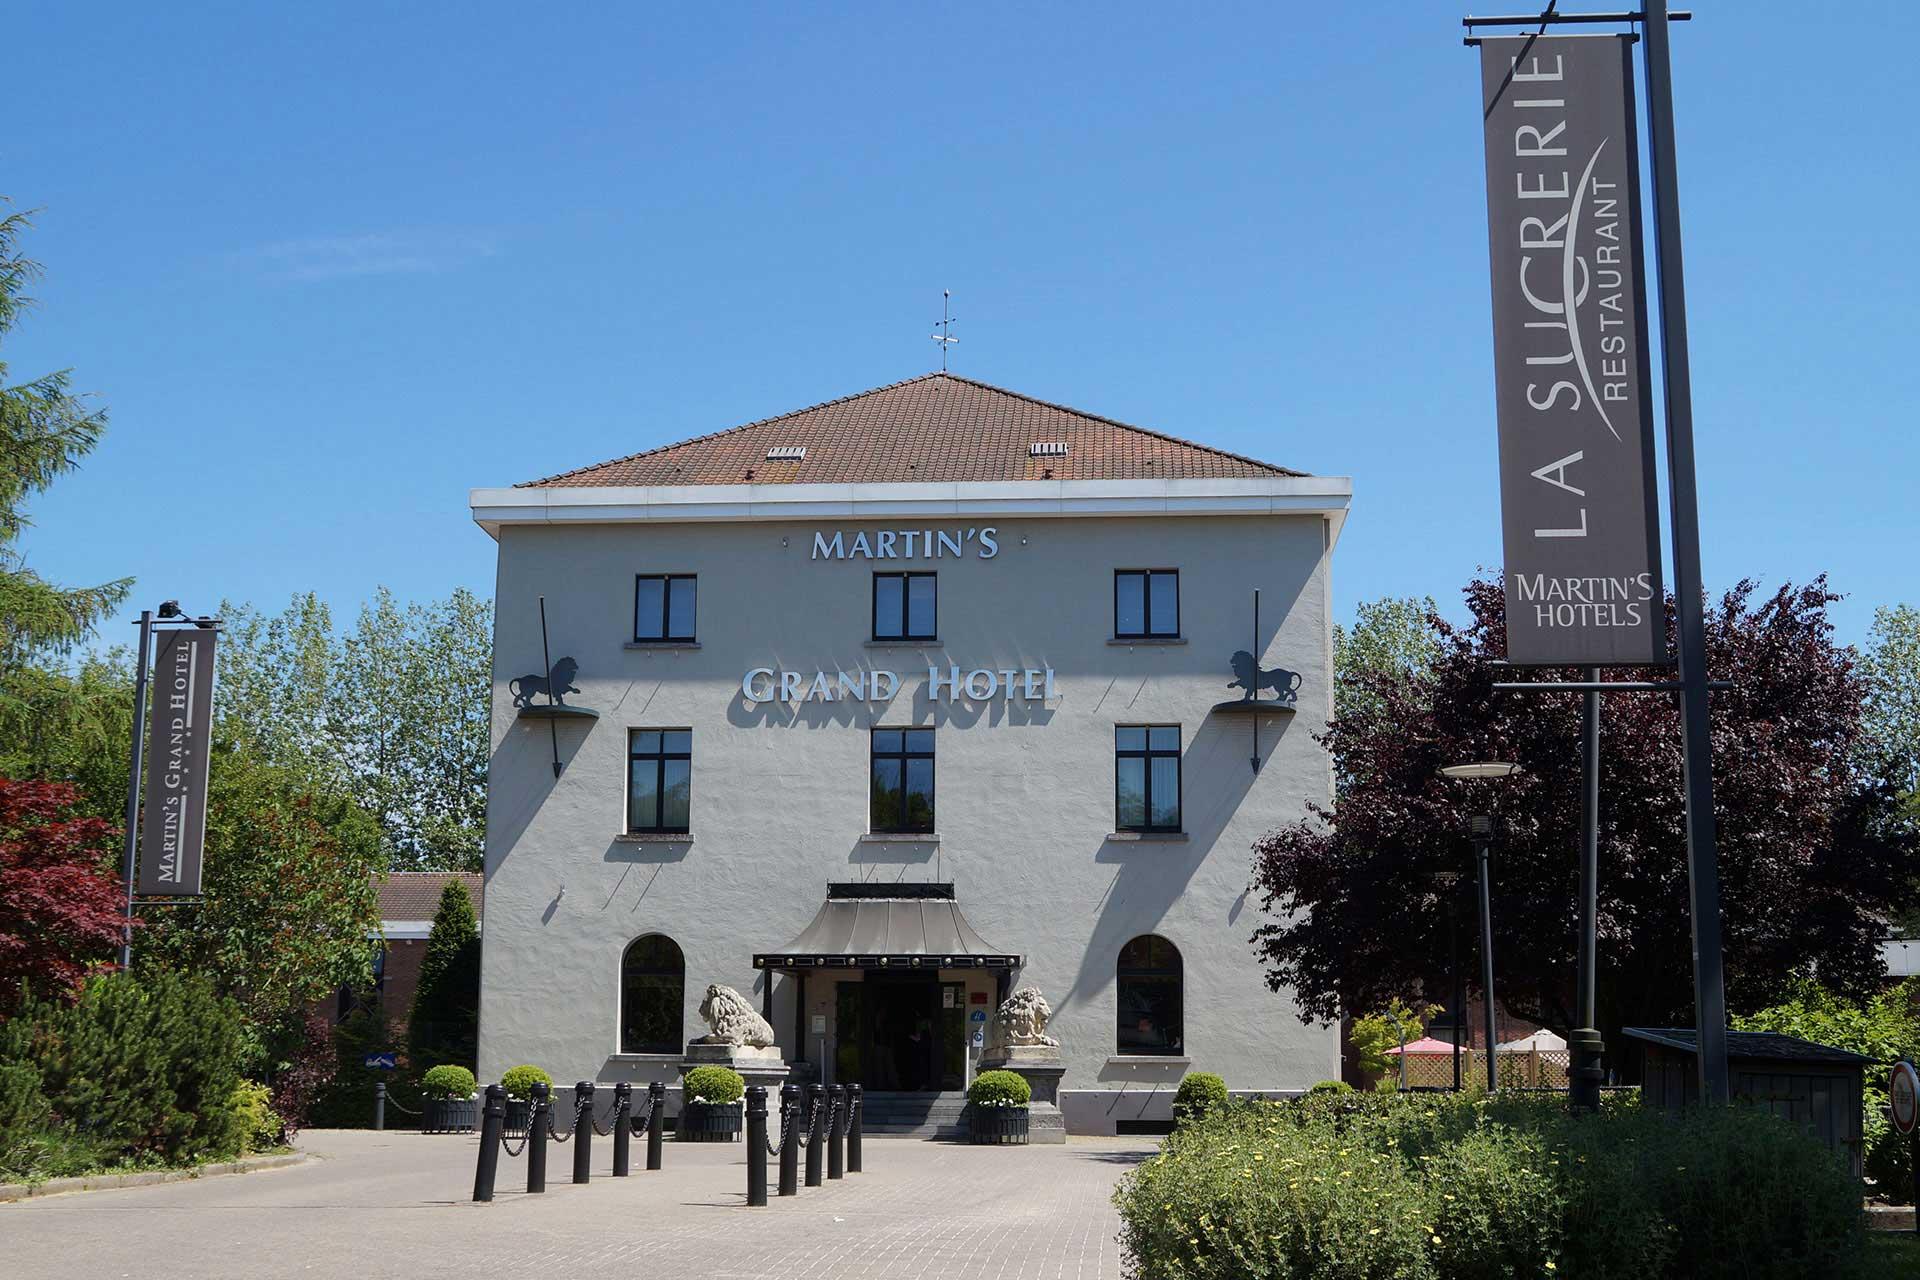 Golfexpedition-Golfreizen-België-Brussel-Grand-Hotel-Waterloo-course-voorkant-overdag-met-vlag